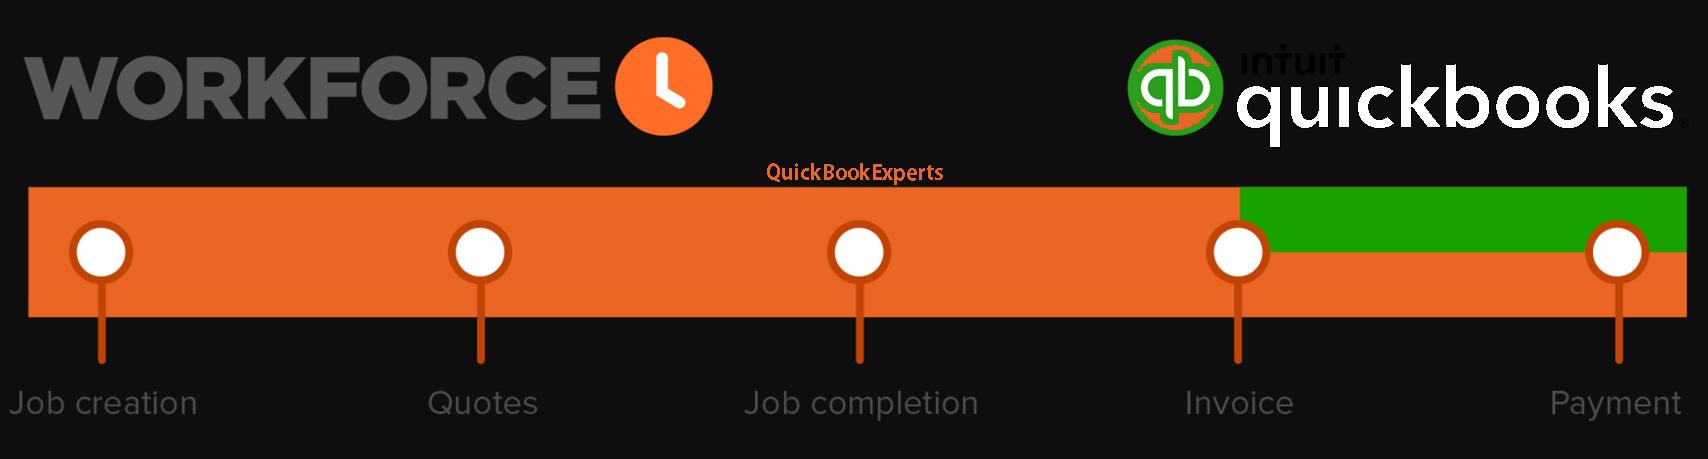 QuickBooks WorkForce Not Working